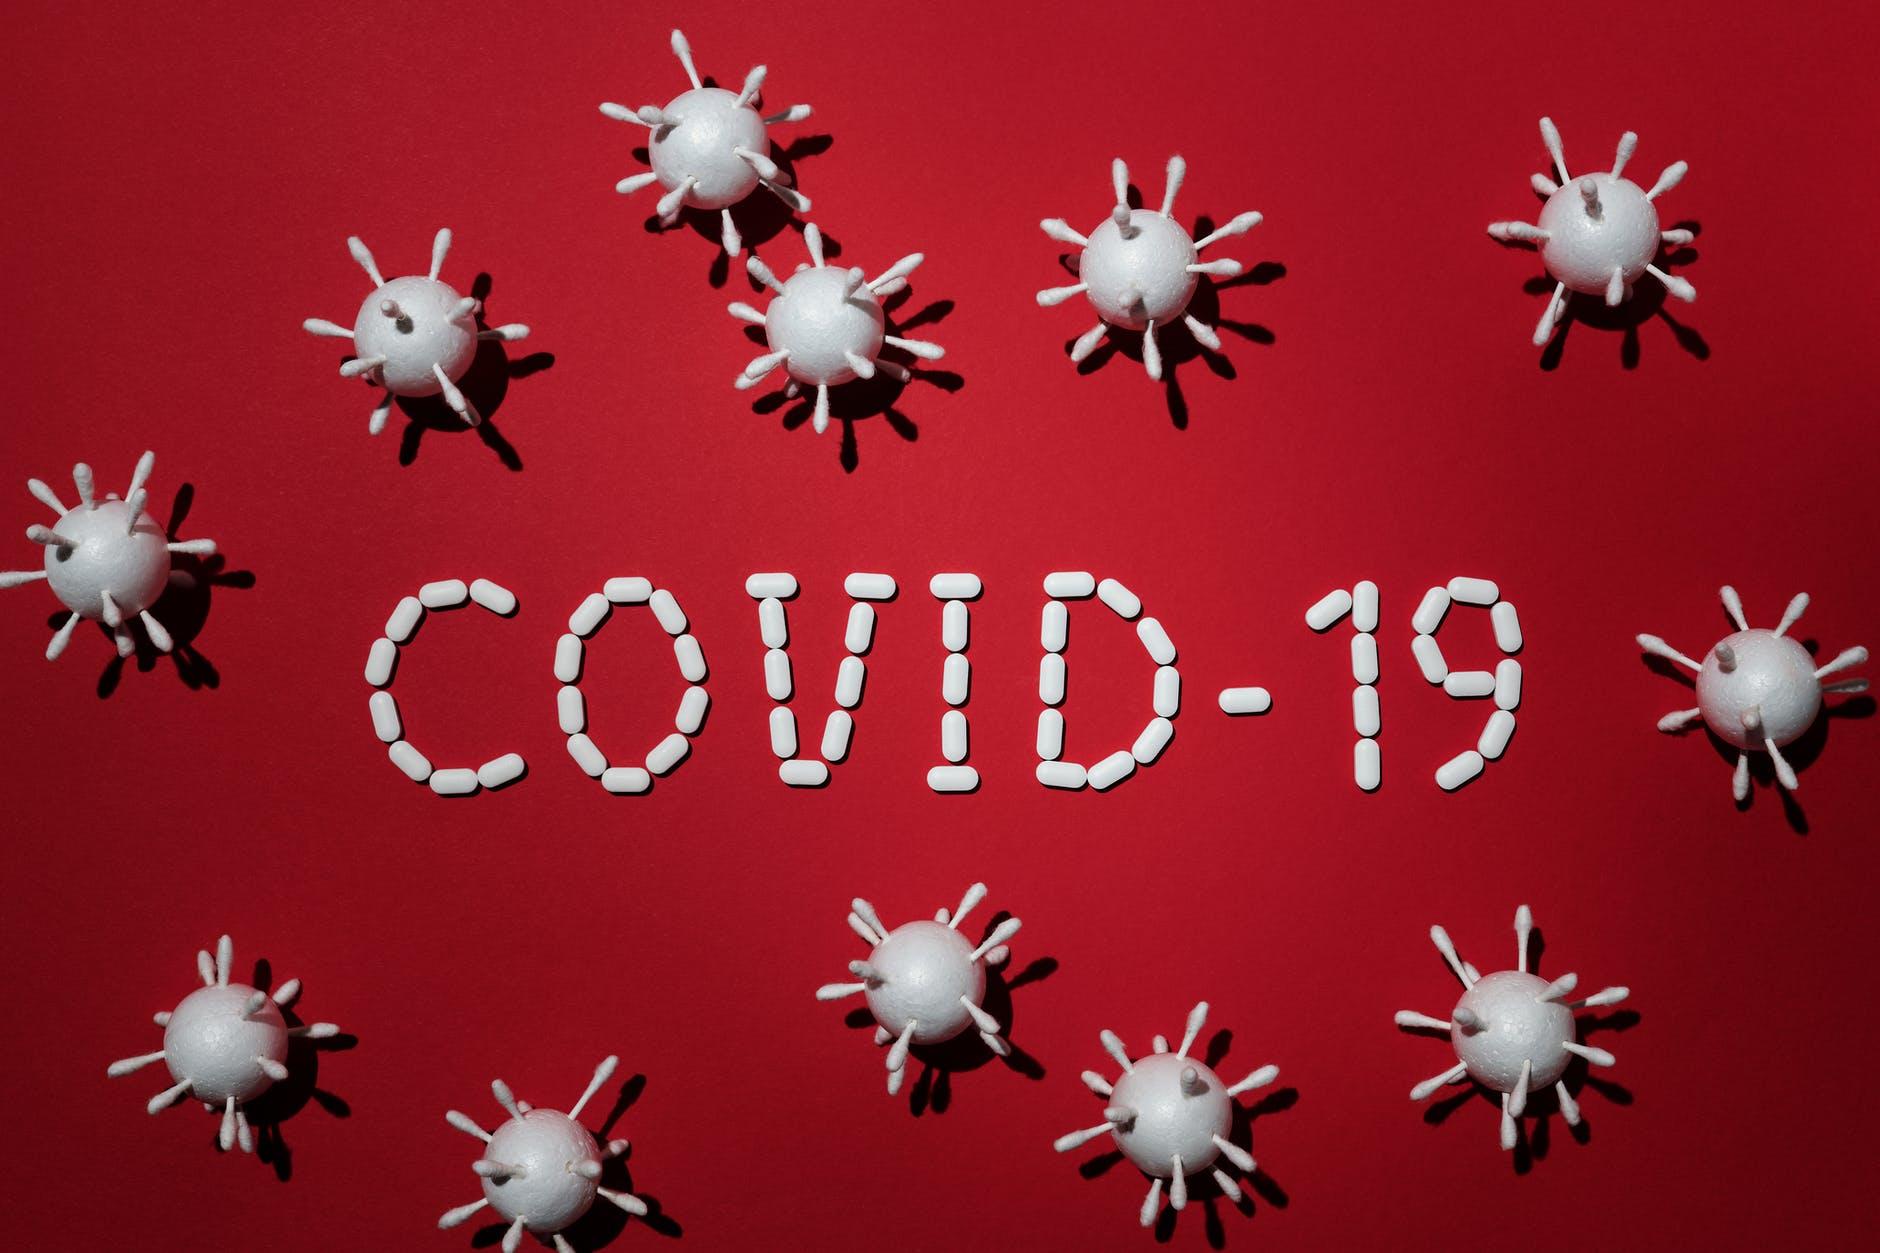 31省区市新增9例境外输入确诊 3月5日疫情最新消息